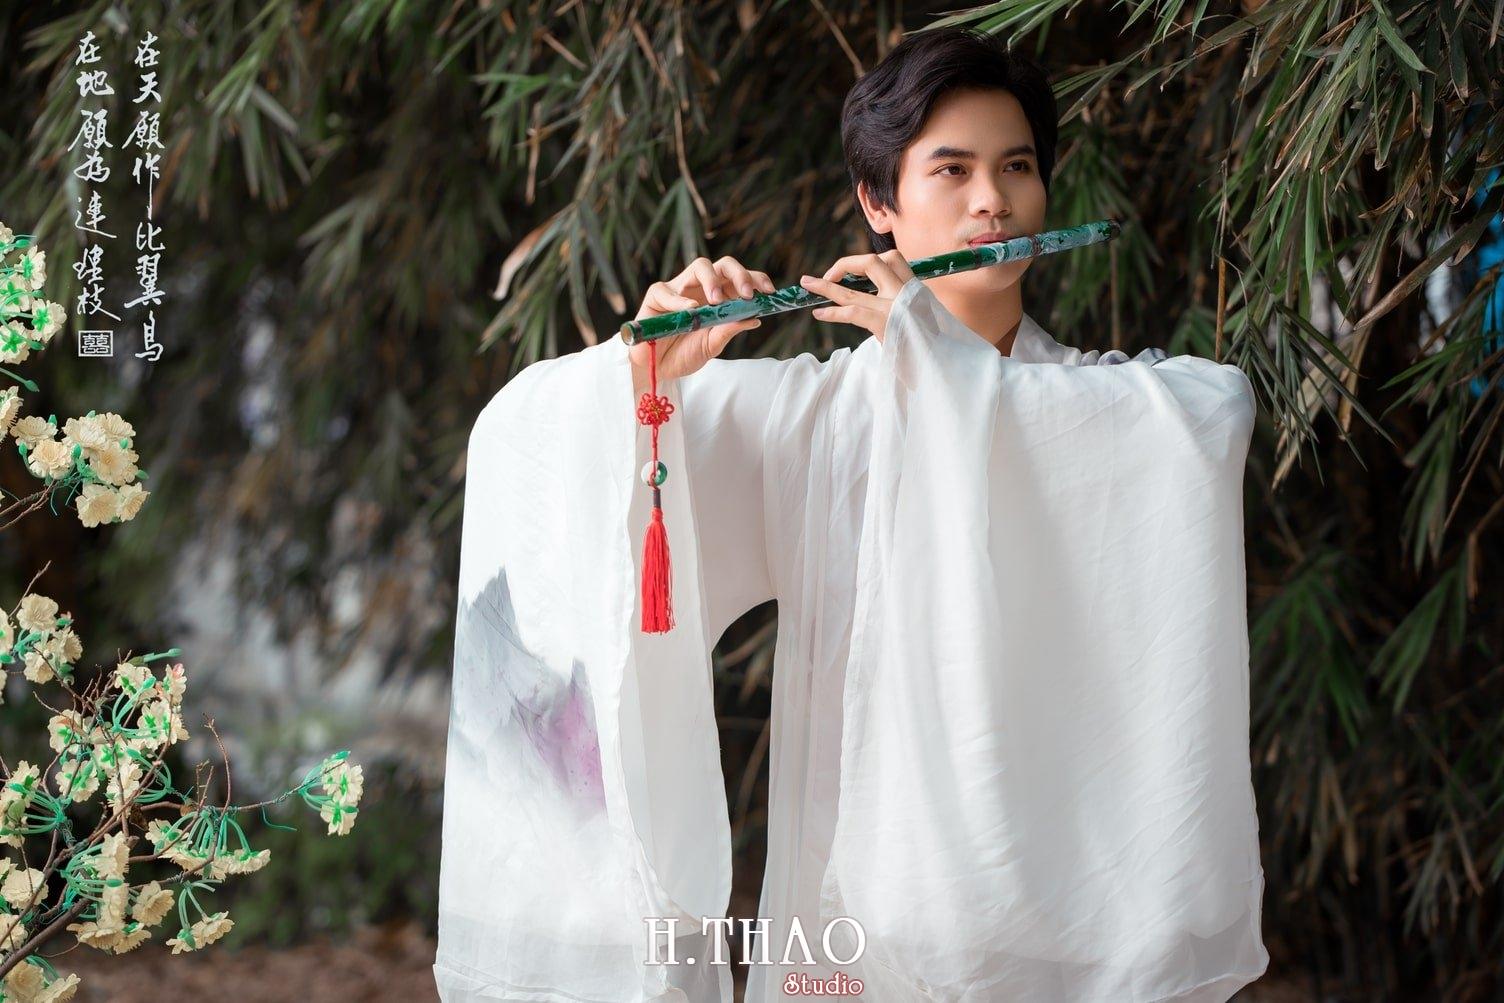 Anh co trang nam 2 - Album ảnh cổ trang nam phong cách thư sinh đẹp lạ mắt – HThao Studio